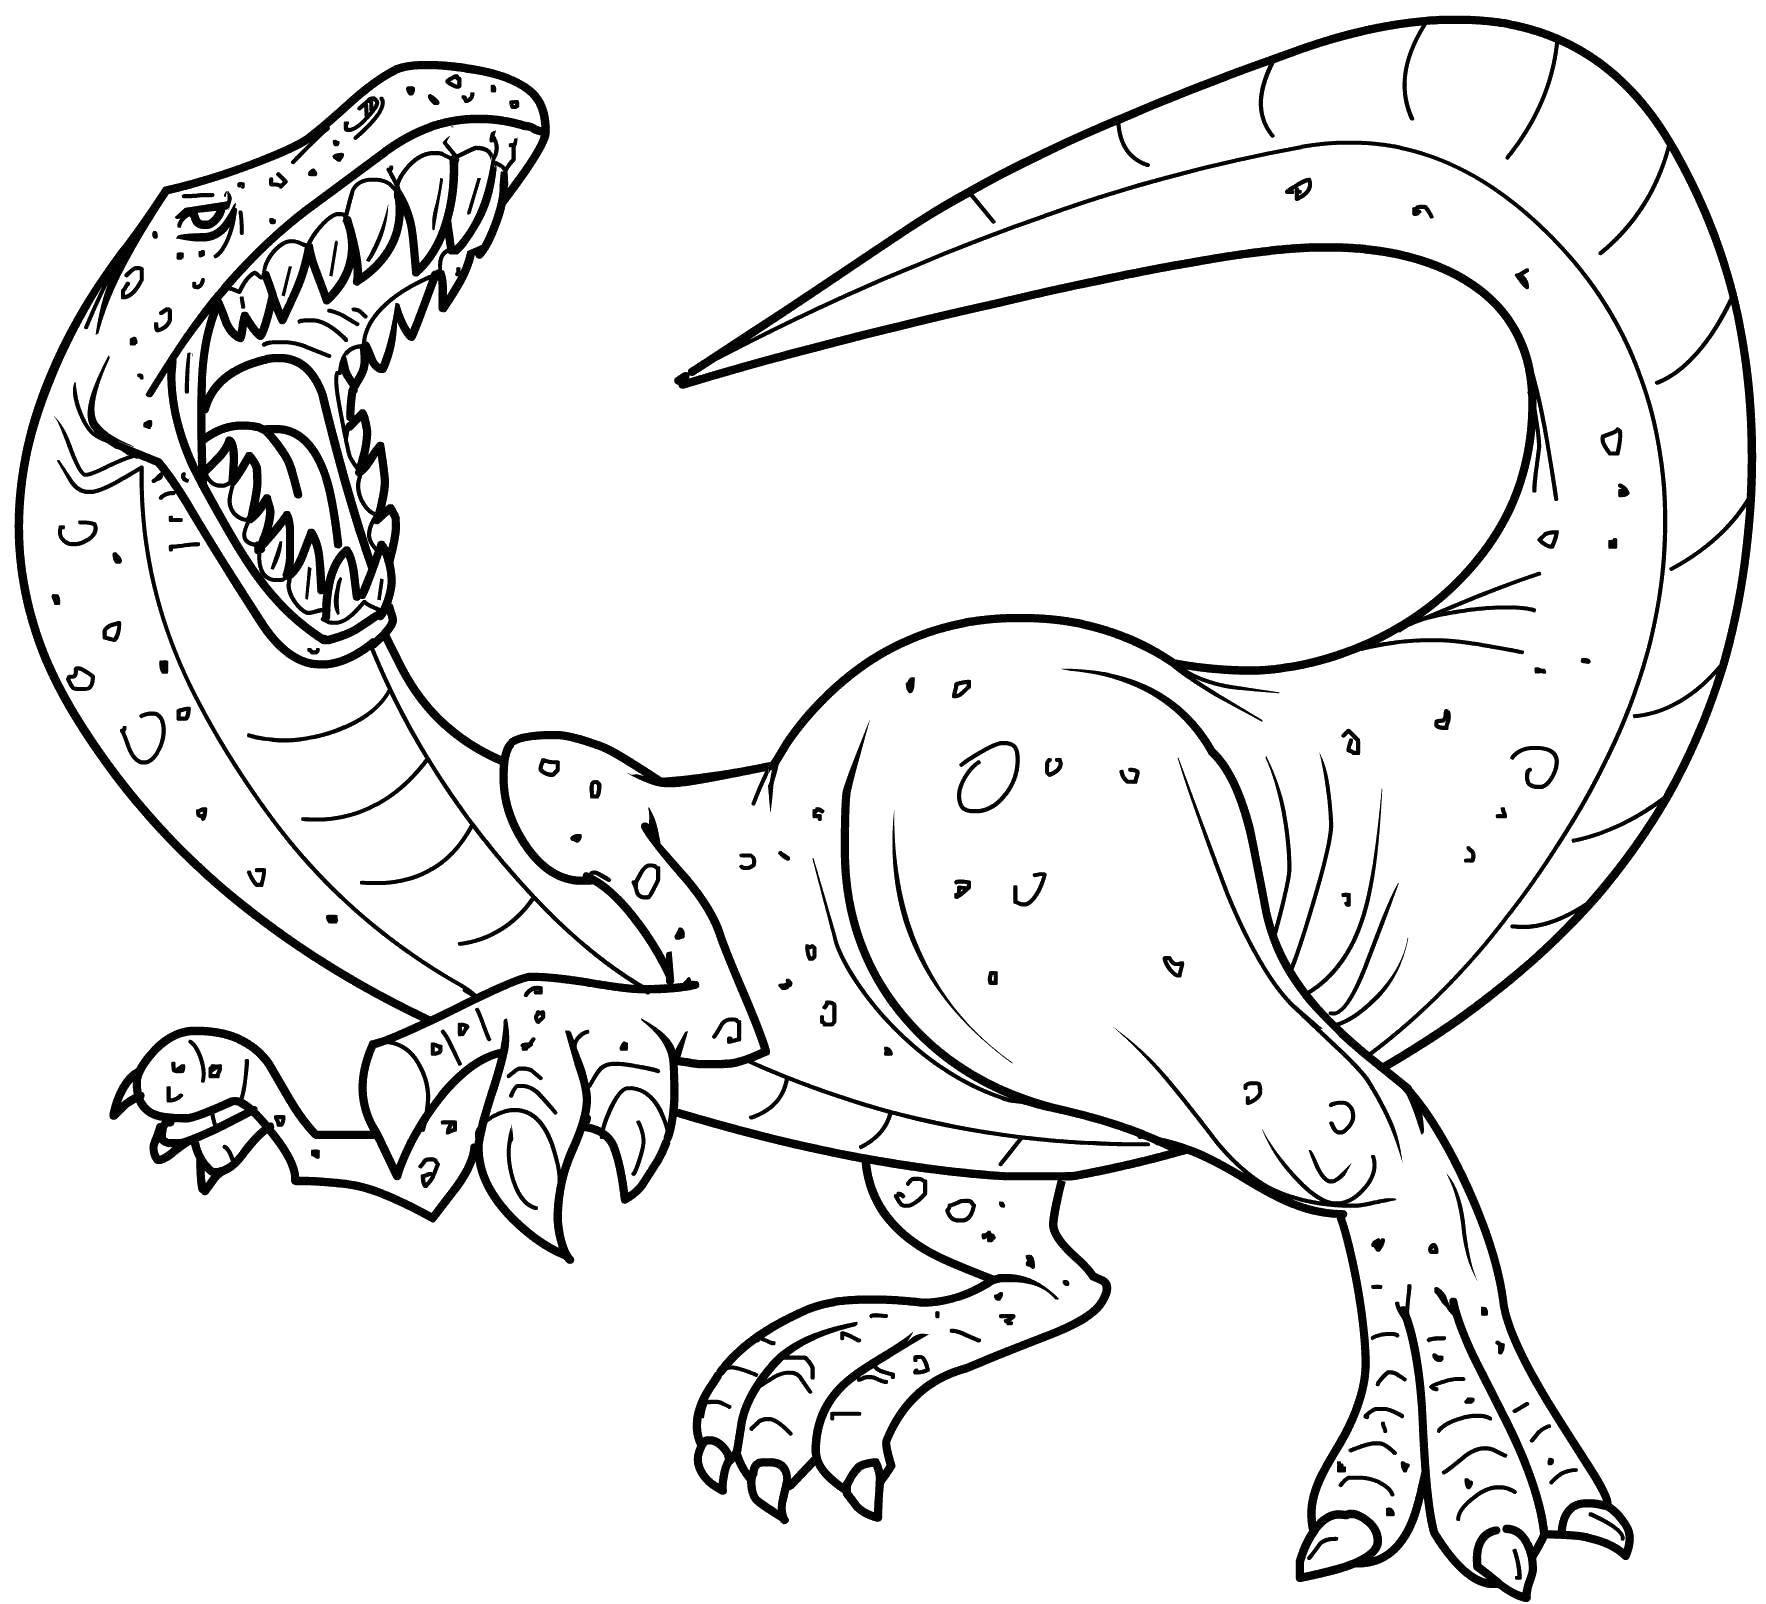 Раскраска динозавр Скачать .  Распечатать